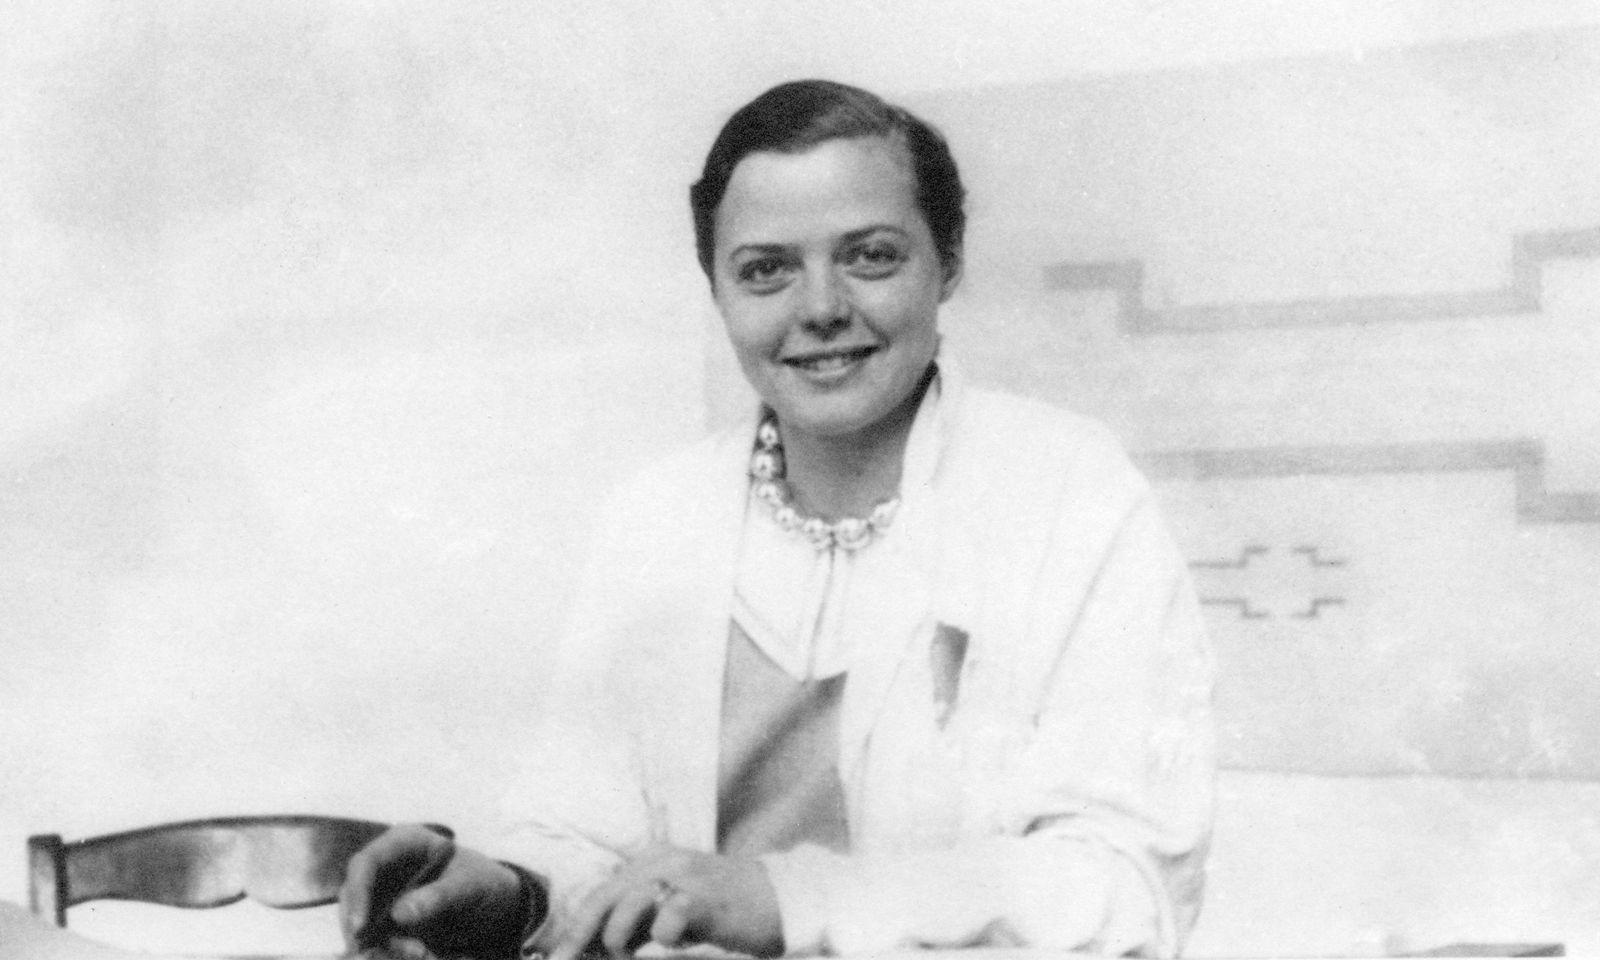 Visionärin. Die Designerin und Architektin Charlotte Perriand im Jahre 1929.